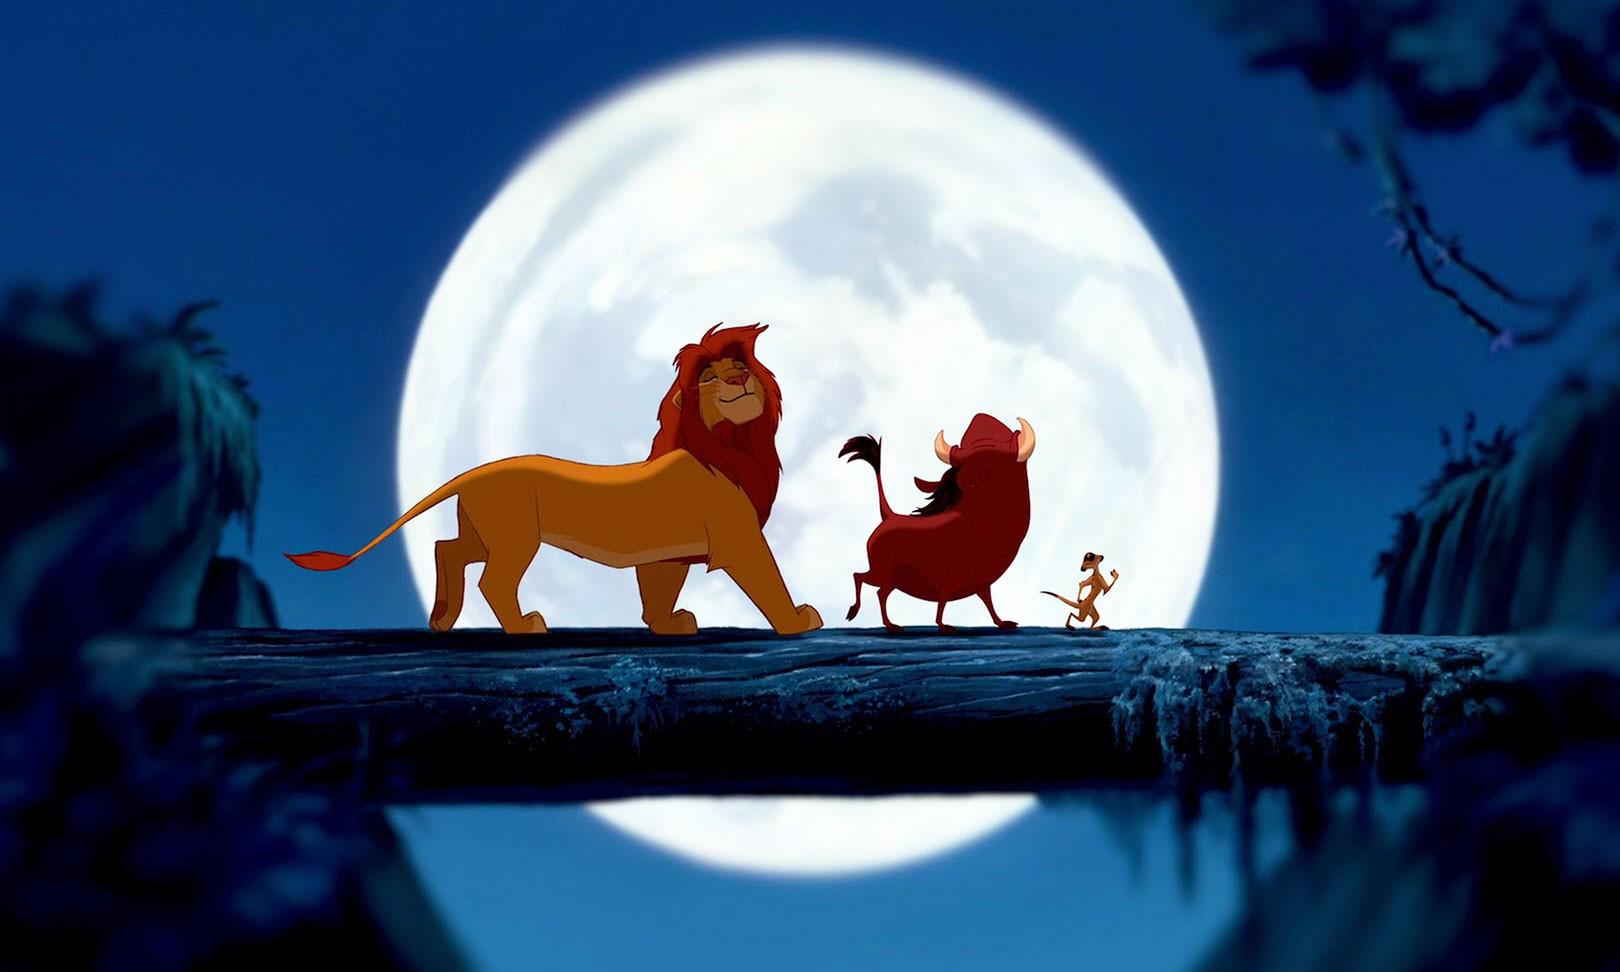 迪士尼即将重做经典动画《狮子王》